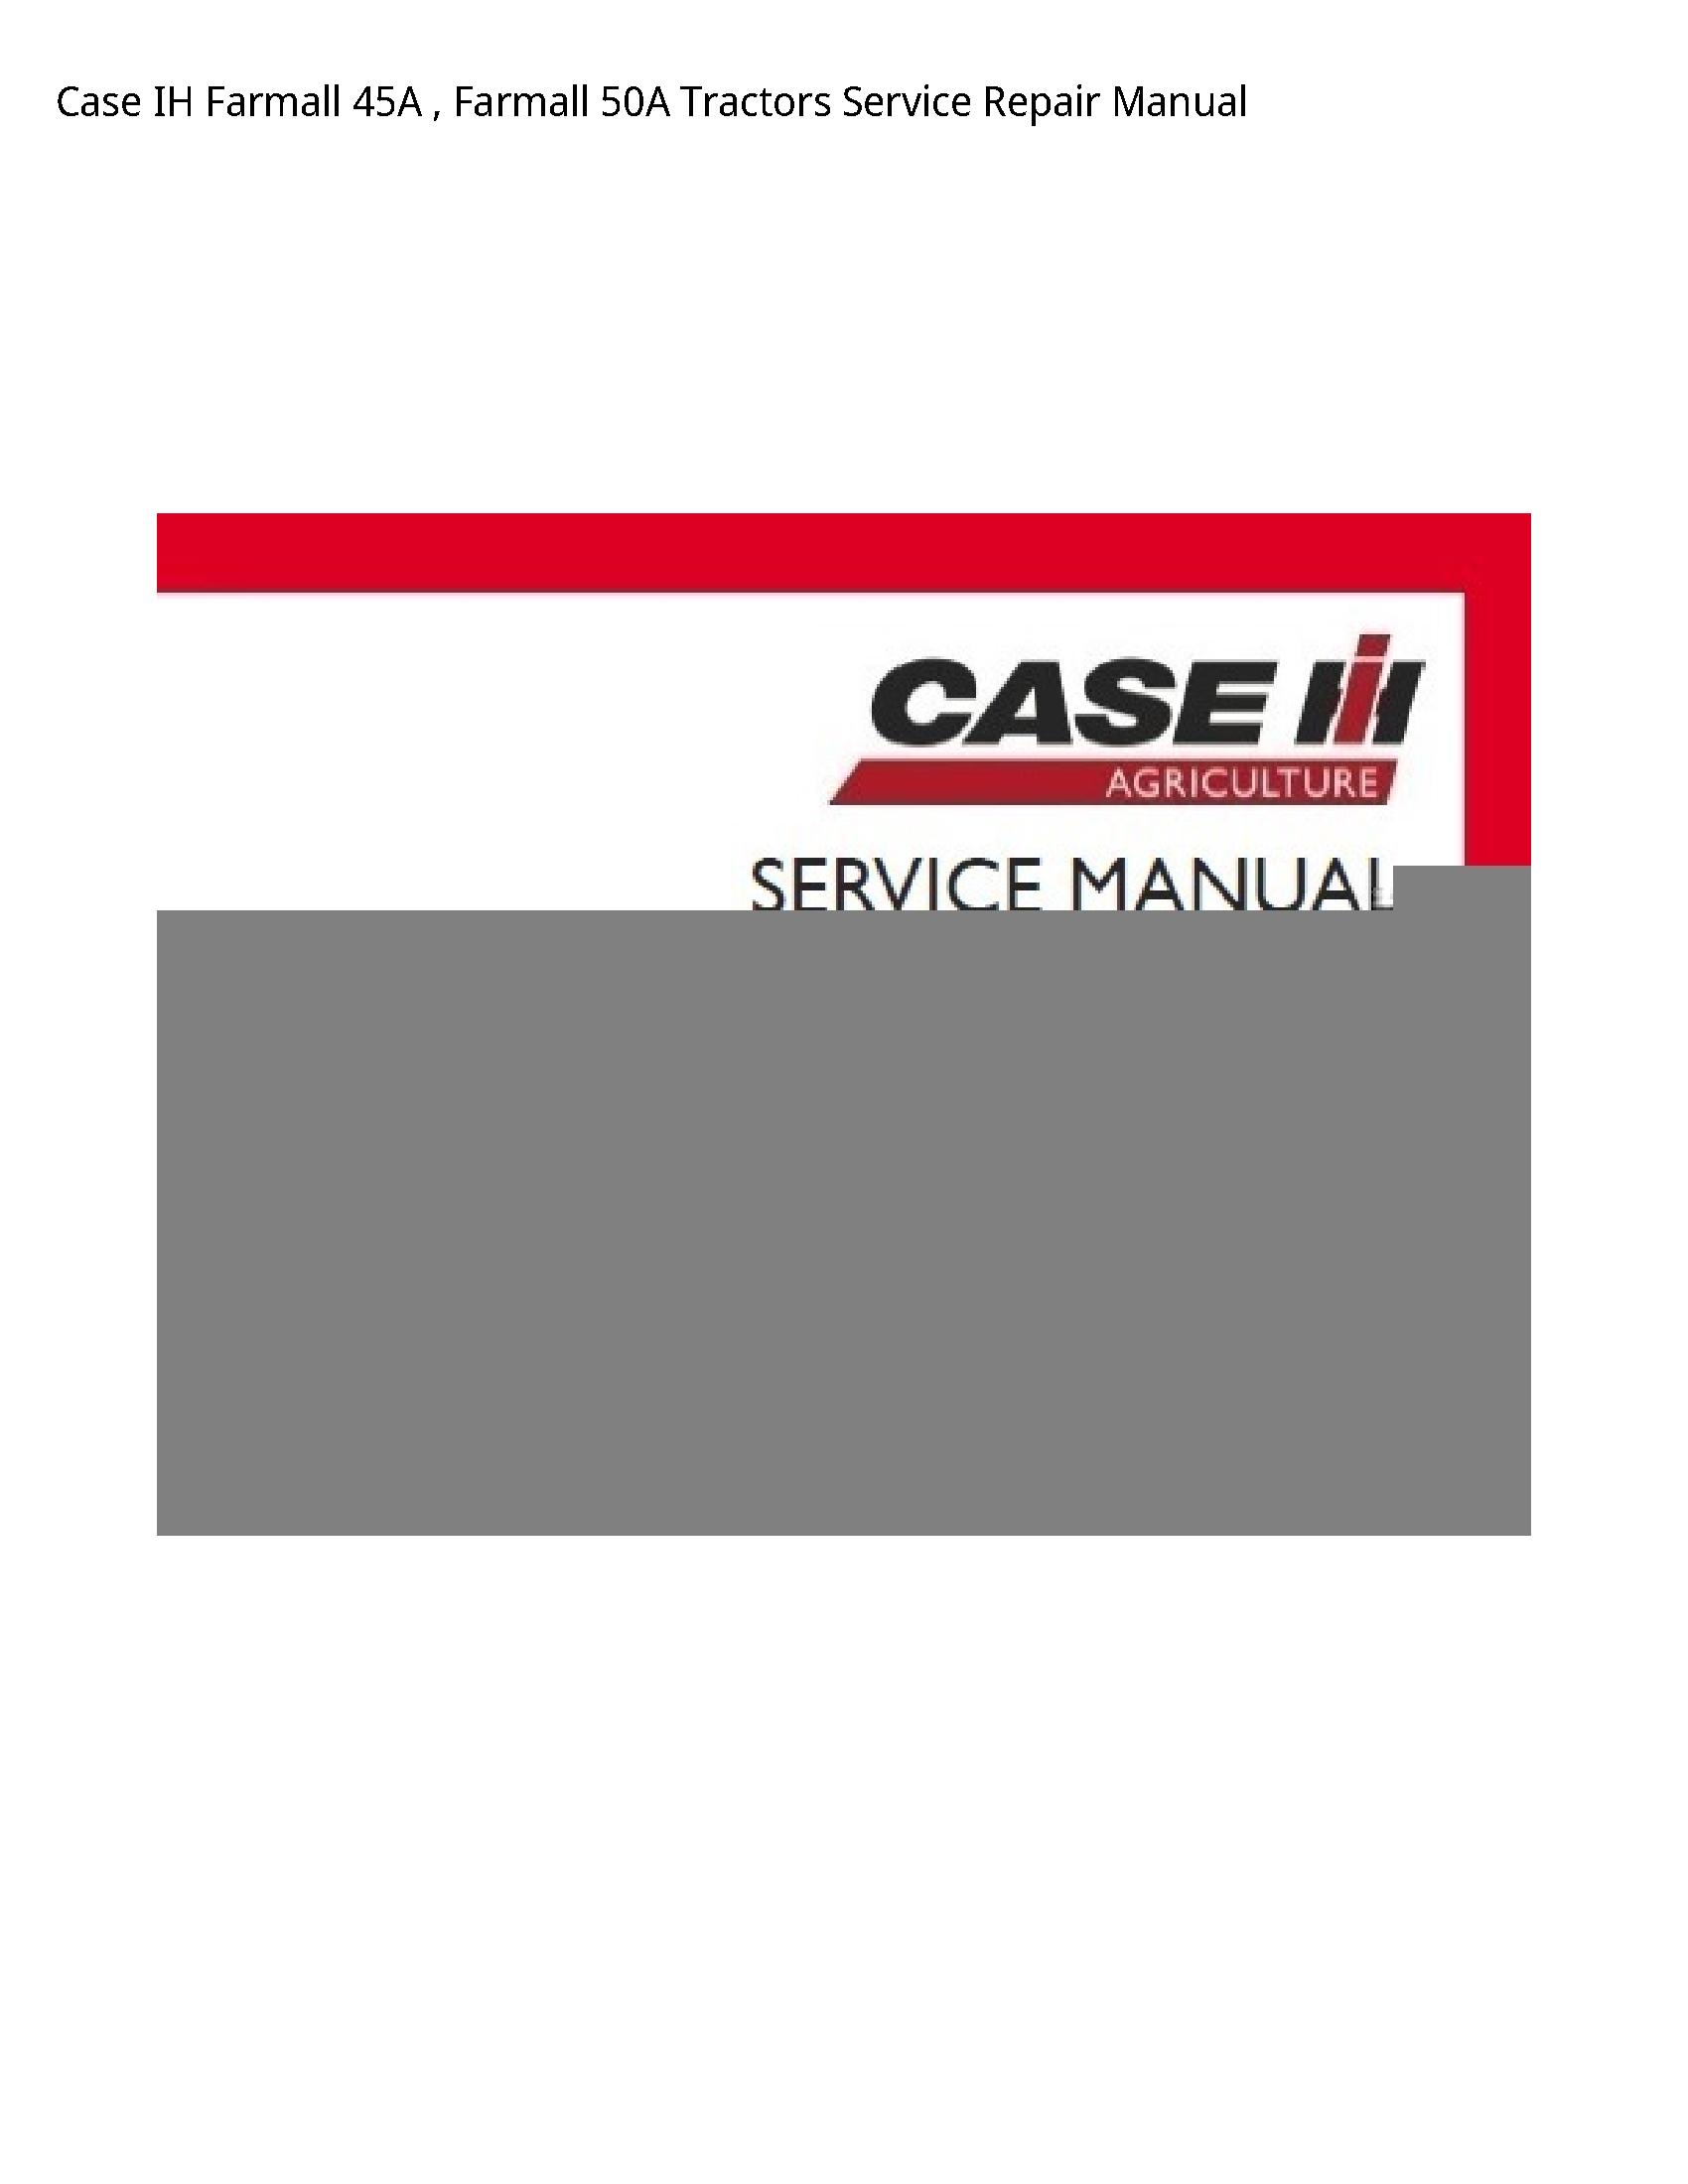 Case/Case IH 45A IH Farmall Farmall Tractors manual